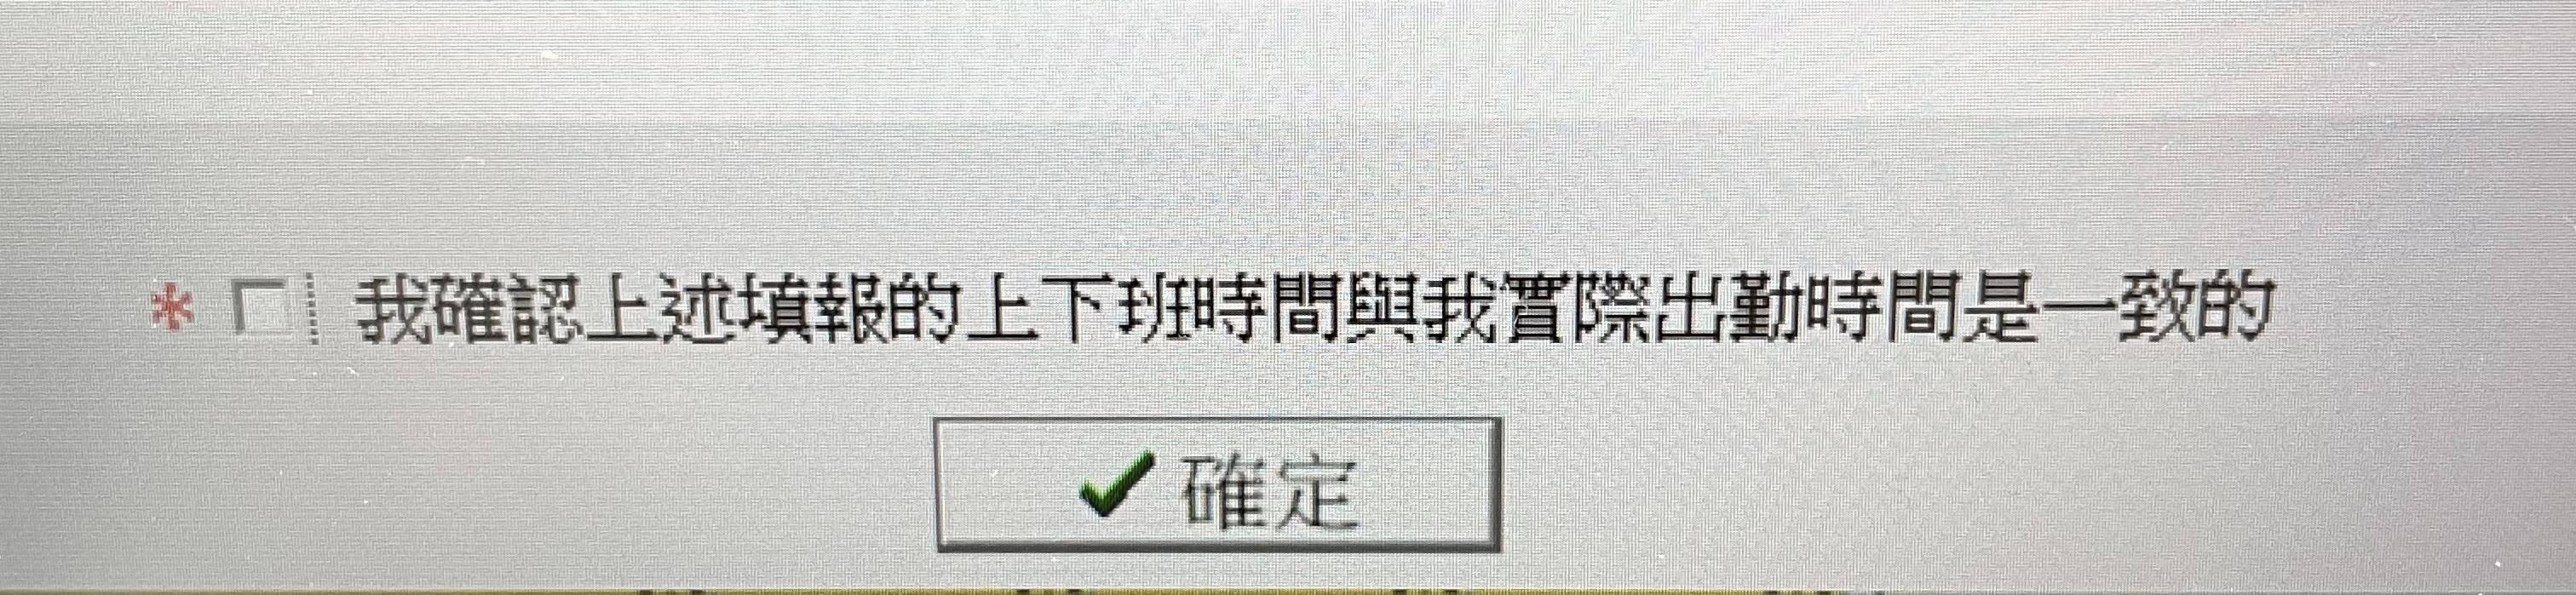 『曹新南專欄』勞動事件法第38條,將出勤紀錄推定為工時,會否導致對部分勞工更不利?-一例一休